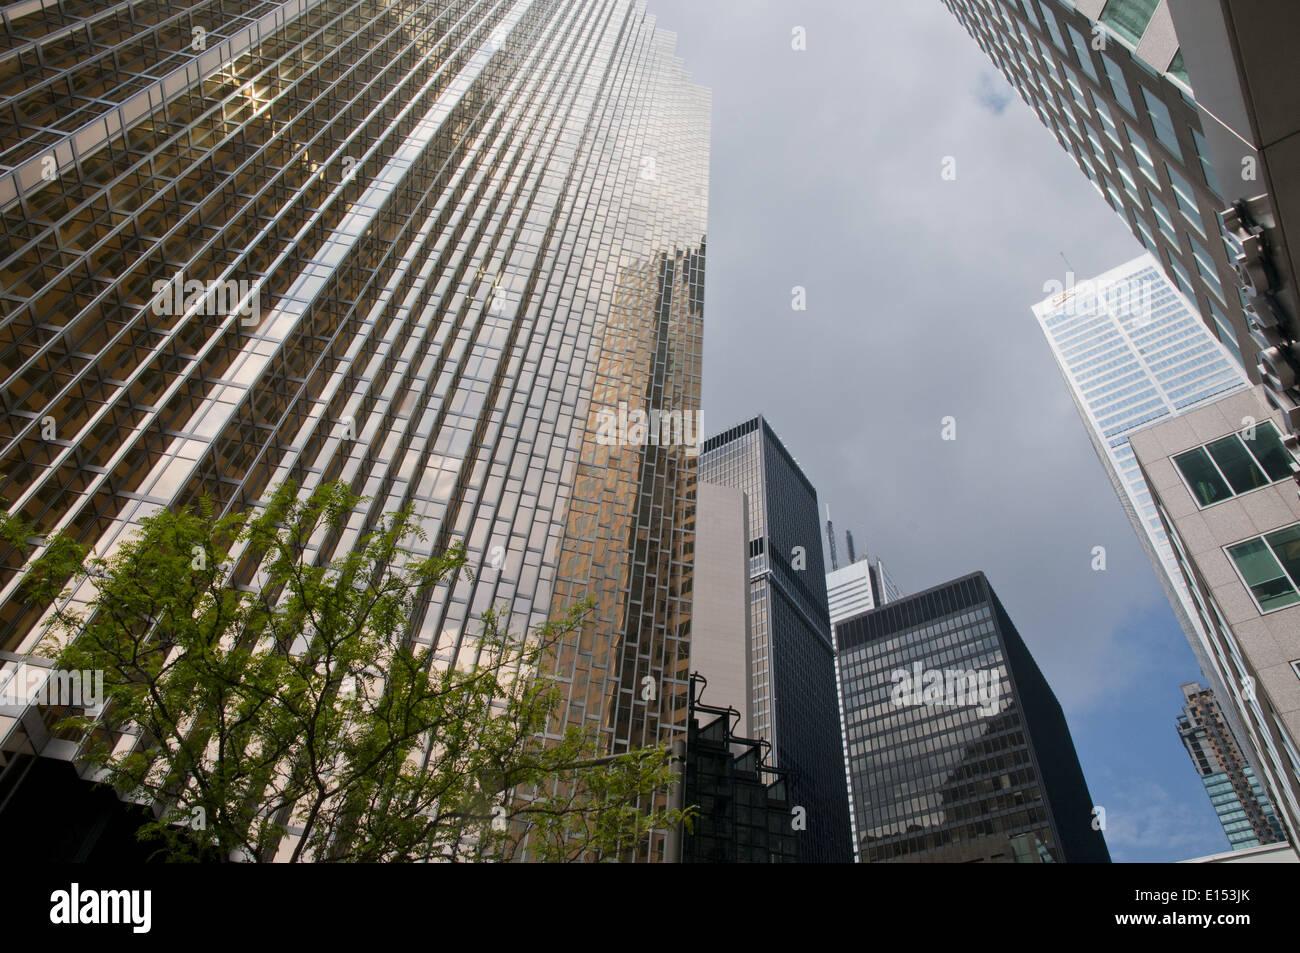 Une vue sur la rue des grands immeubles de bureaux du quartier